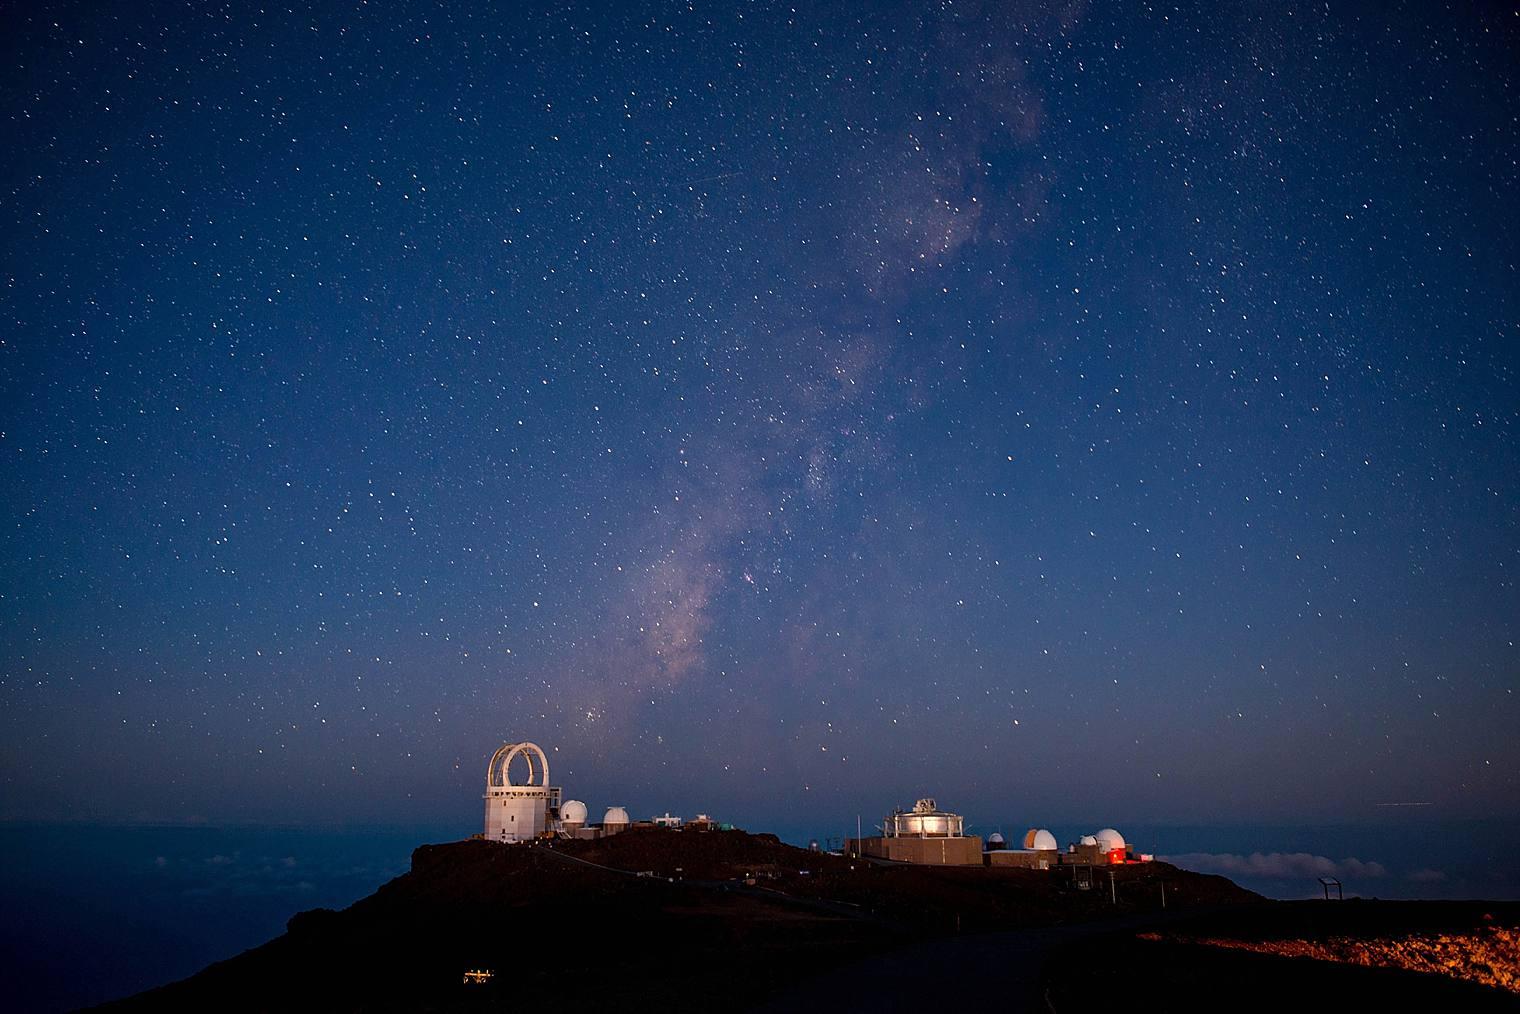 star gazing at Haleakala National Park